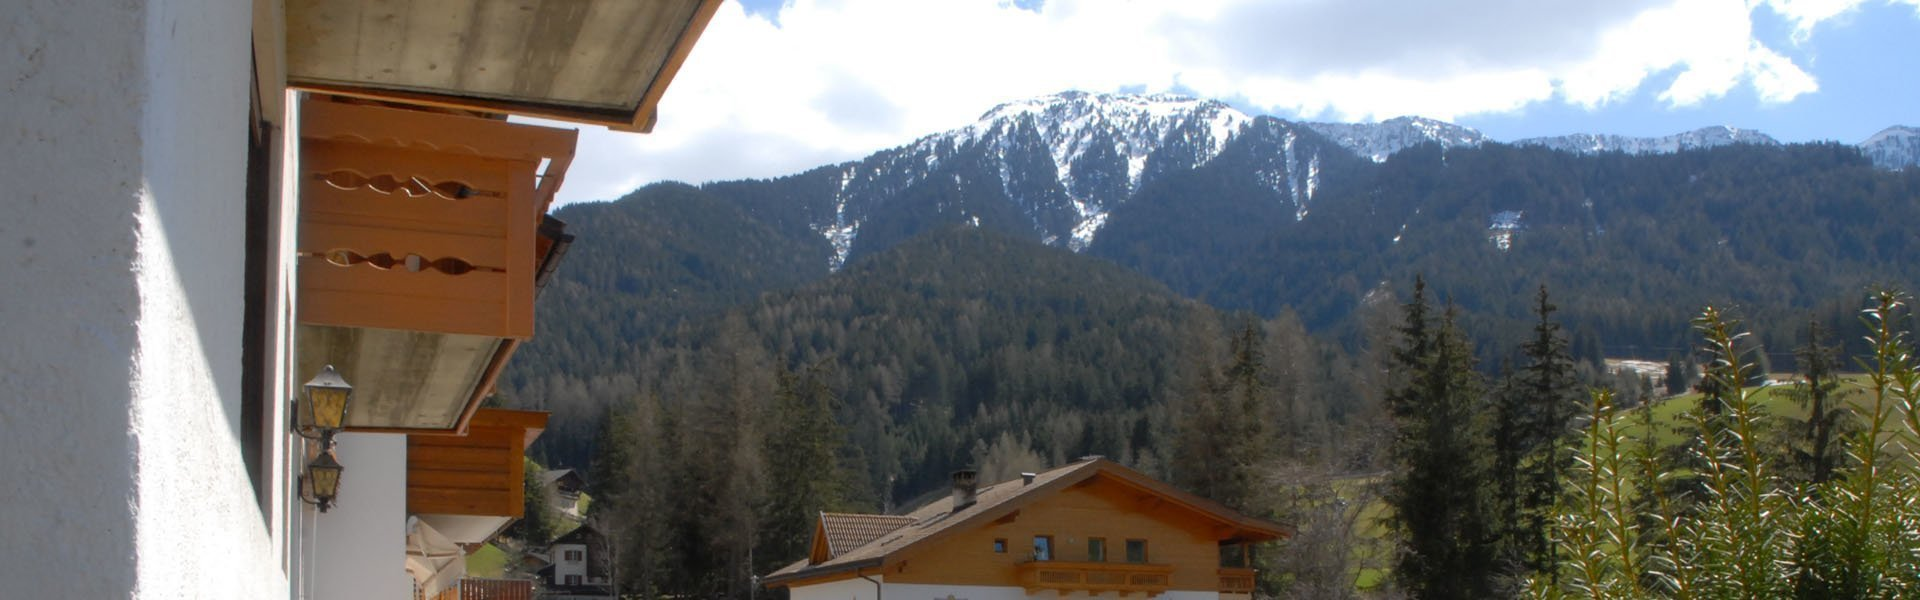 Ihr Ferienhaus in Villnöss/ Dolomiten